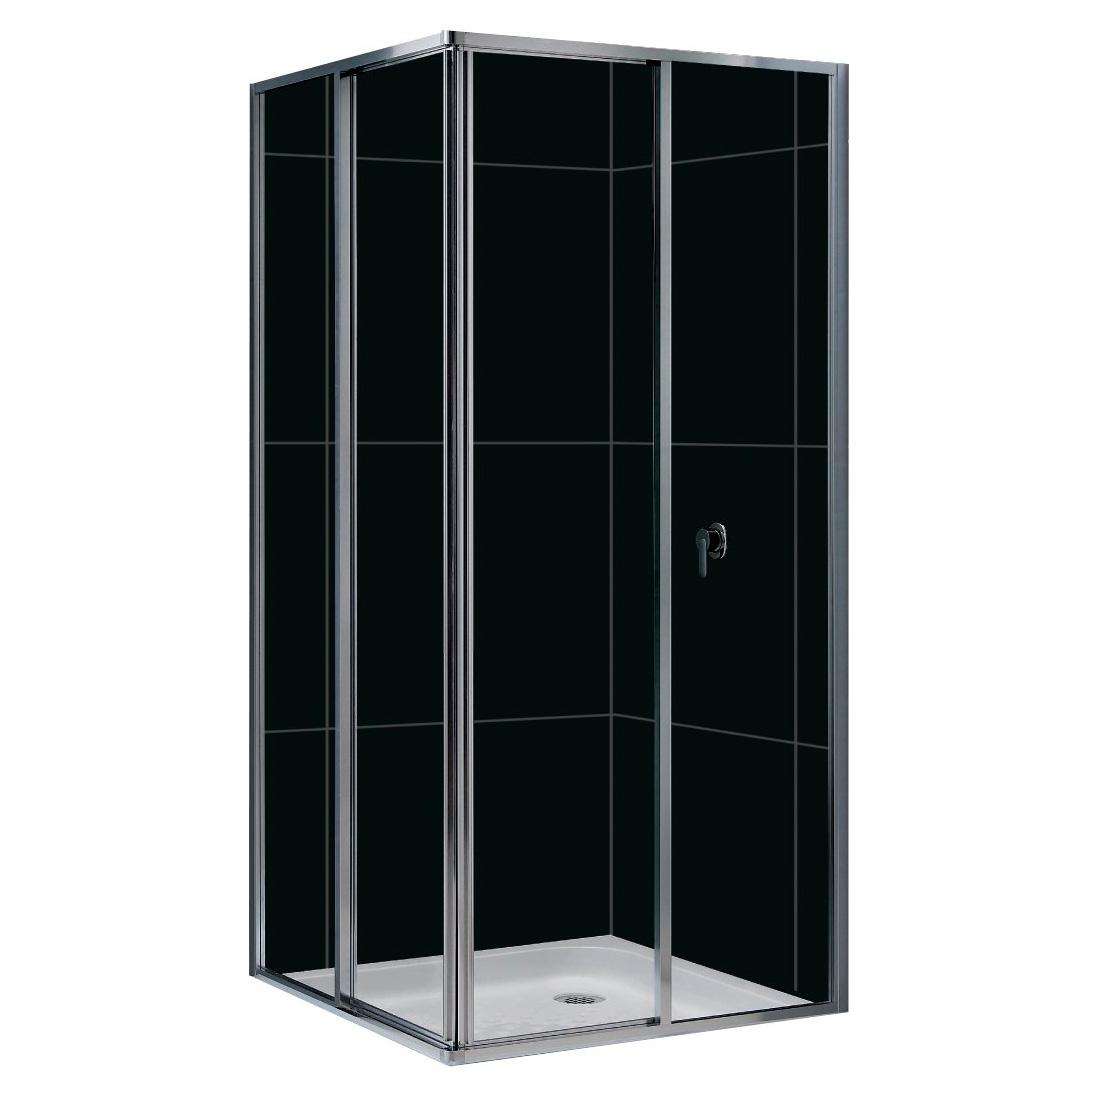 Душевой уголок RGW CL-32 90x90x185 стекло прозрачное md 108 4 хром прозрачное стекло